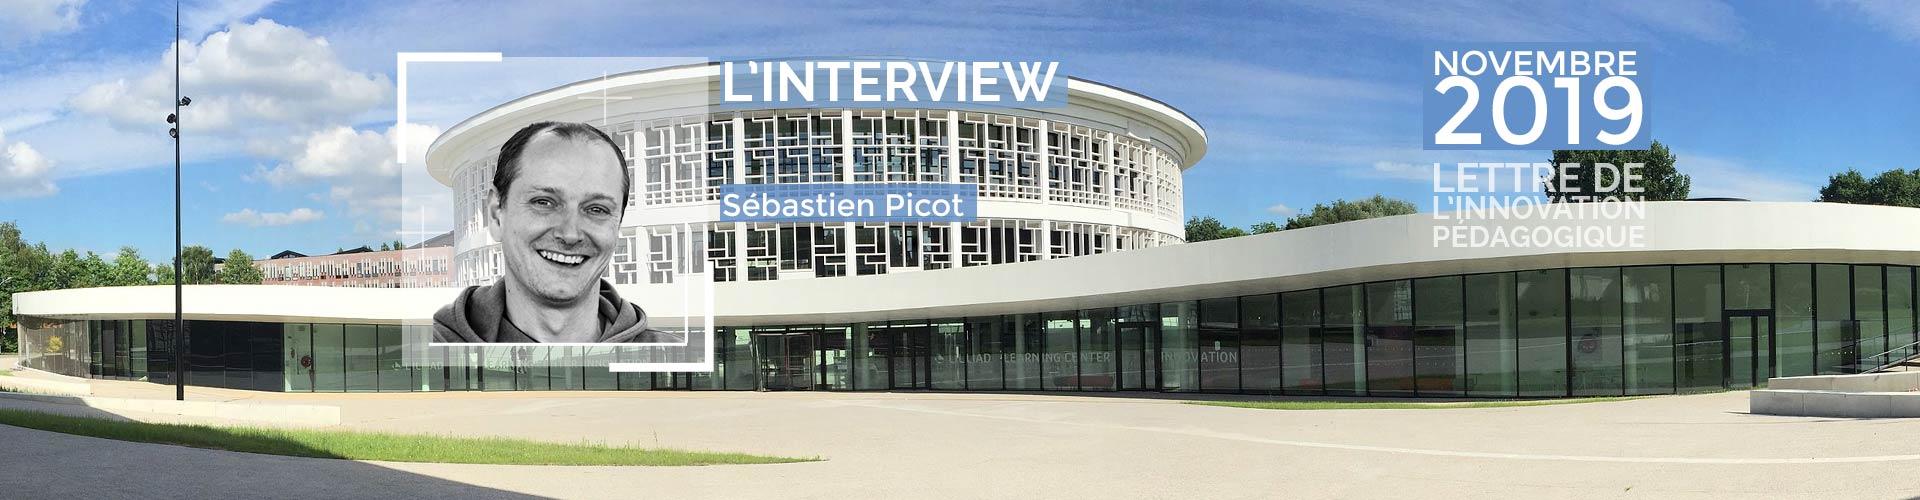 Interview de Sébastien Picot, ingénieur pédagogique